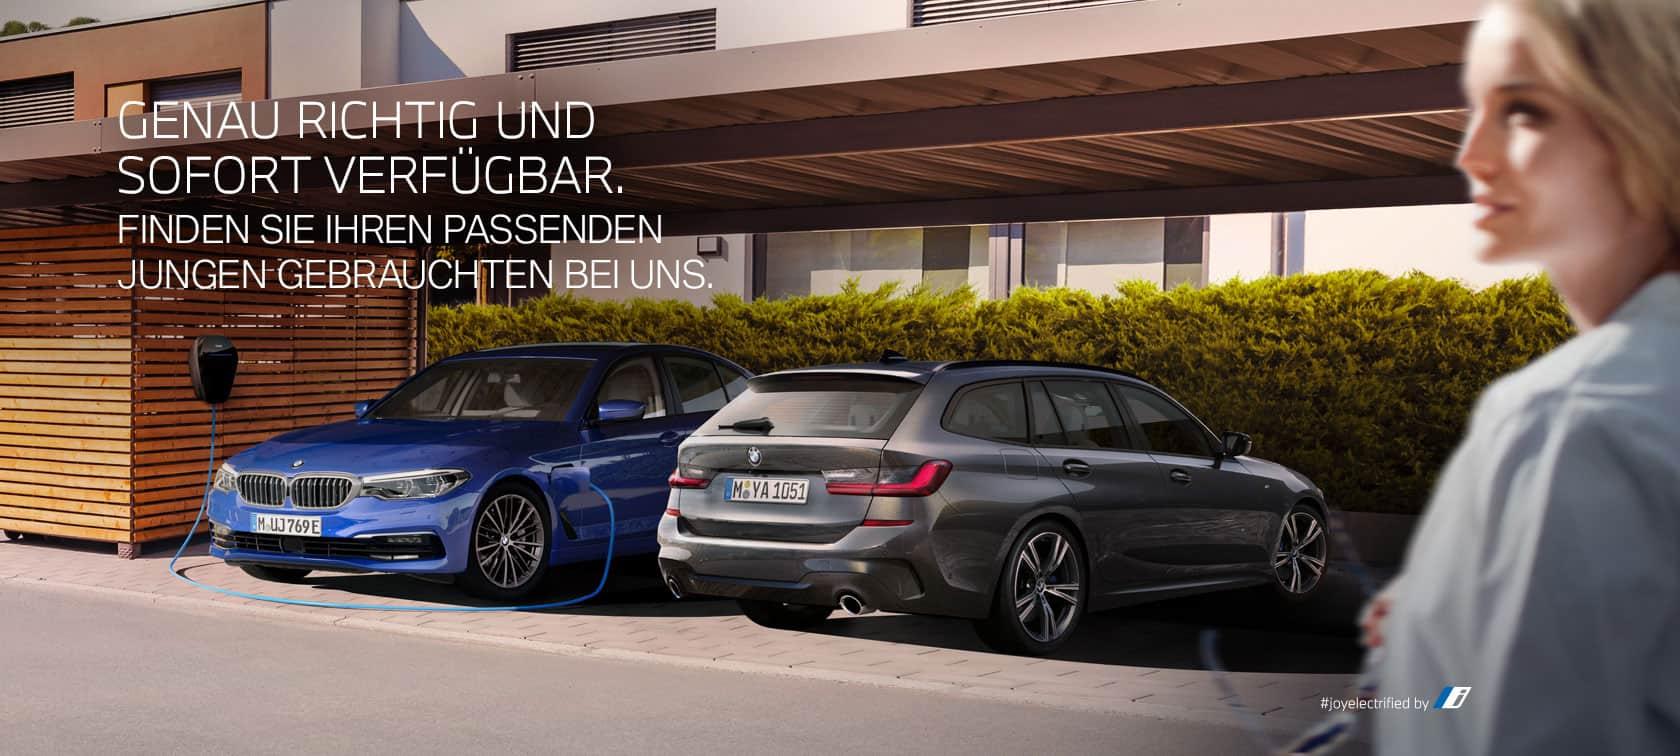 Junge Gebrauchte BMW